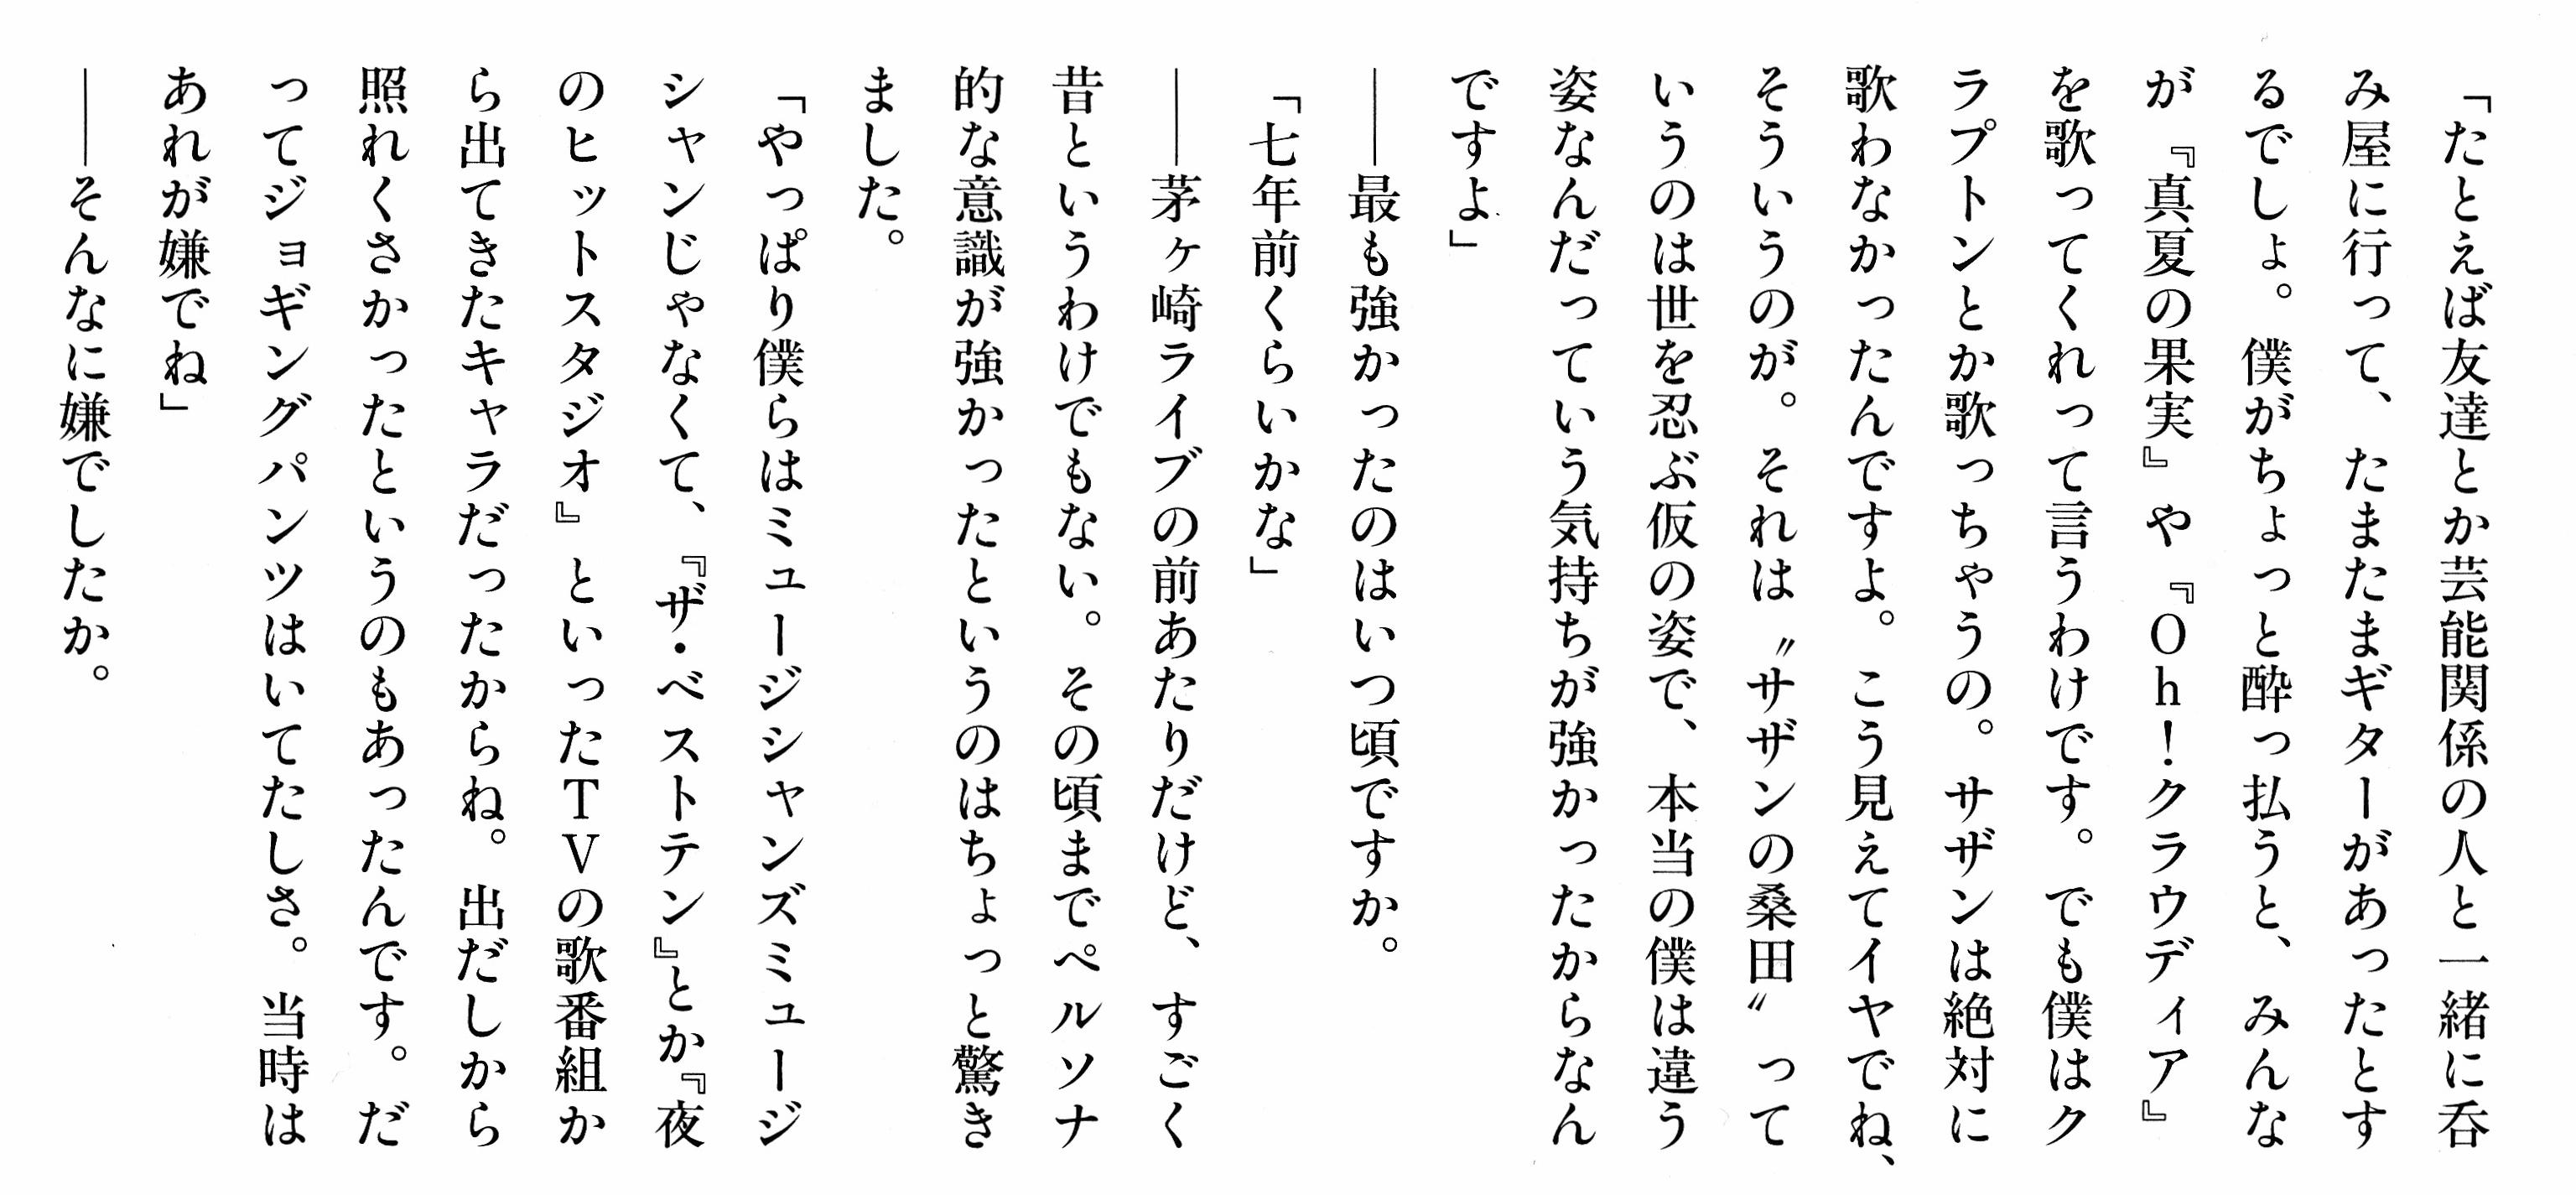 7_Switch_2006_サザン.jpg